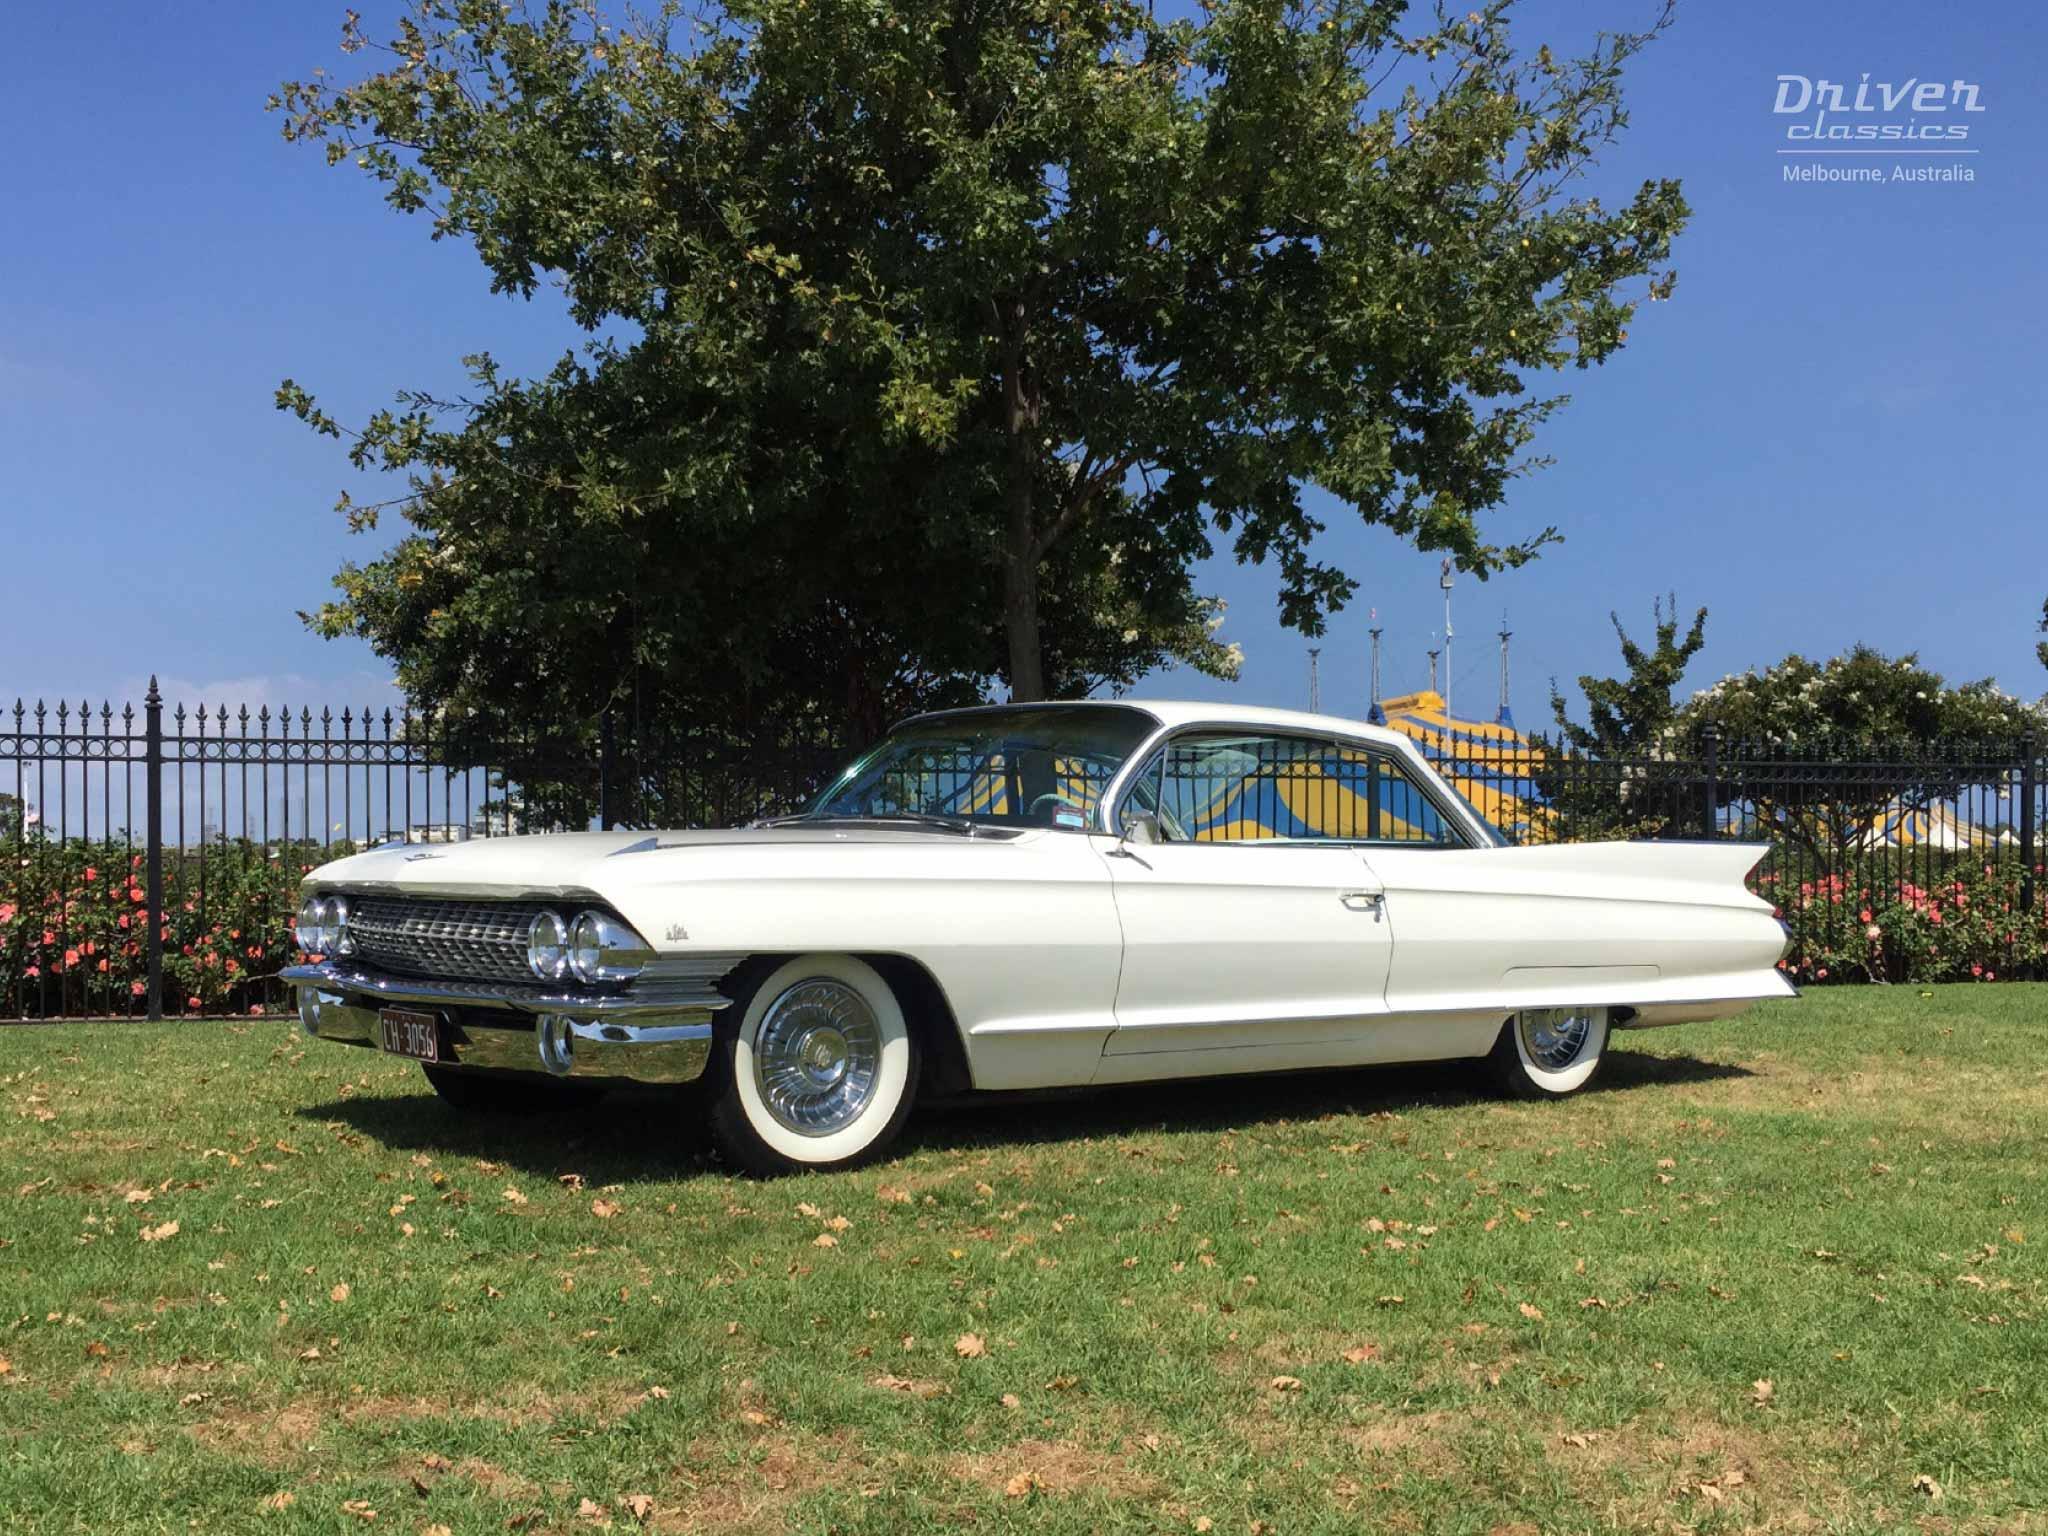 1961 Cadillac Coupe de Ville side